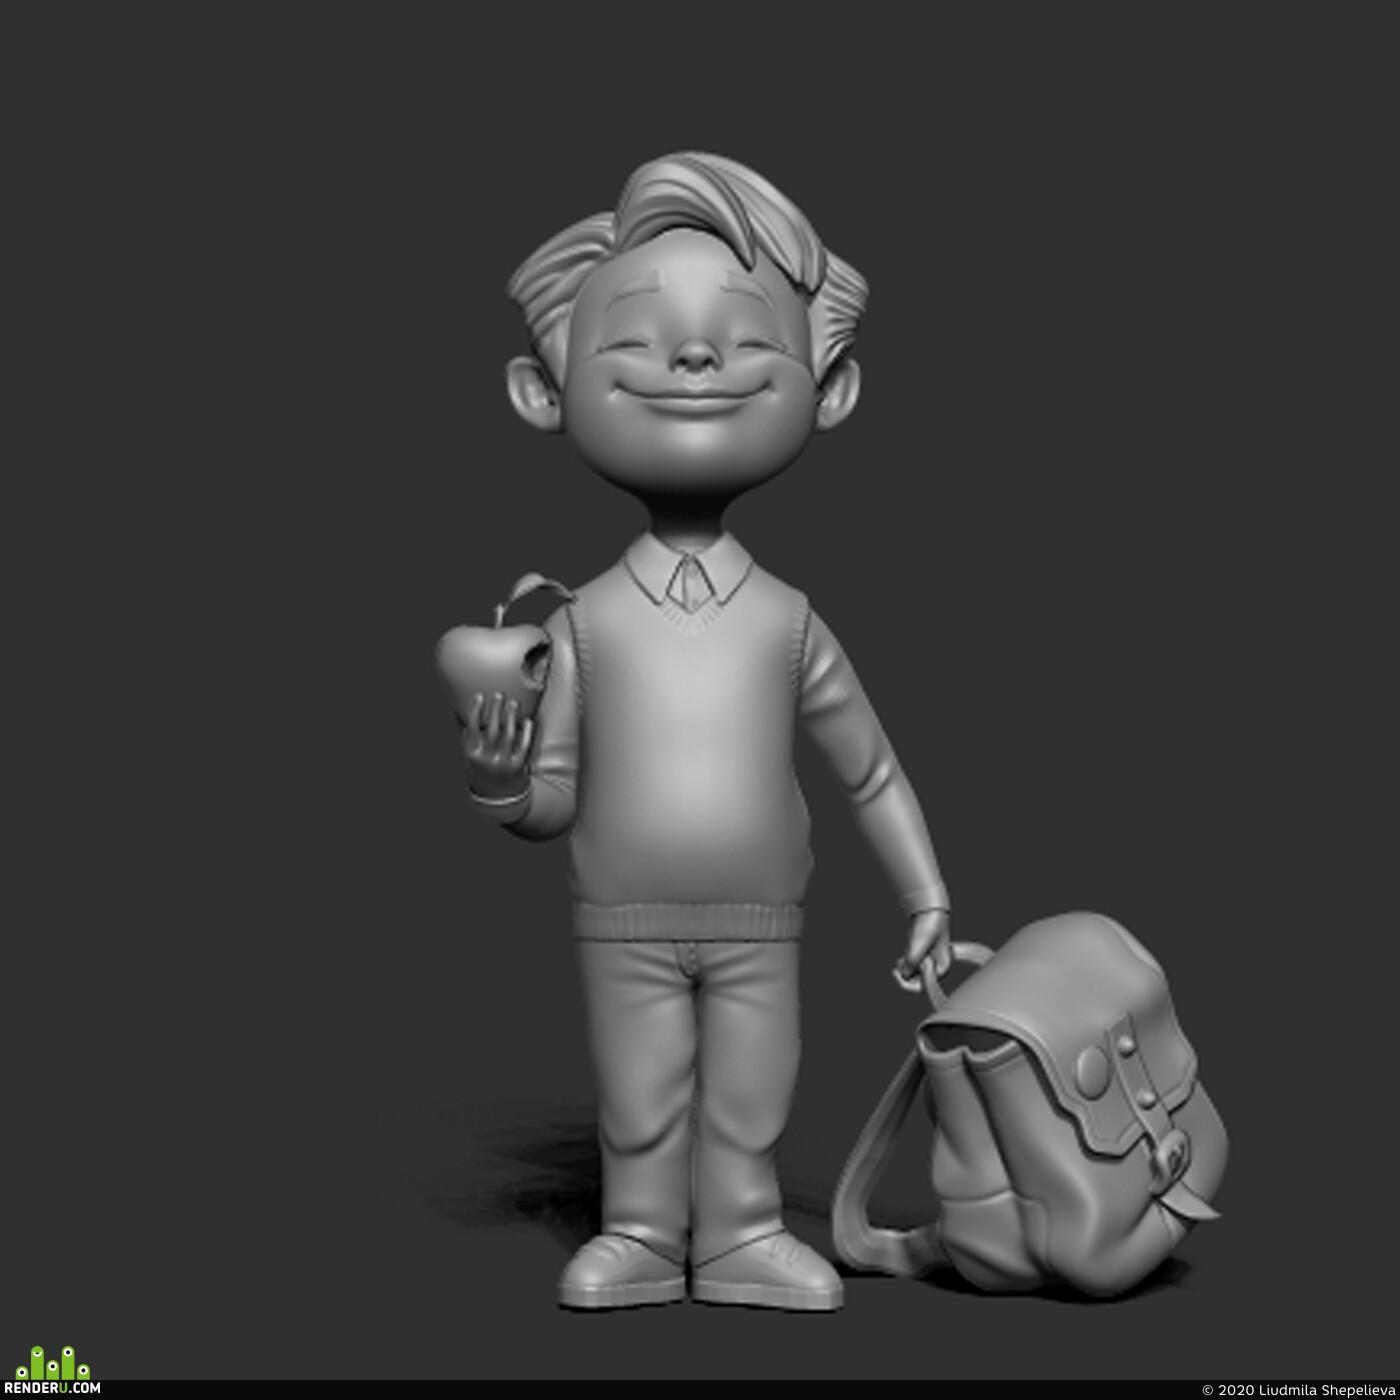 3d, 3dart, Character, 3dcharacter, sculpt, speedsculpt, Zbrush, school, boy